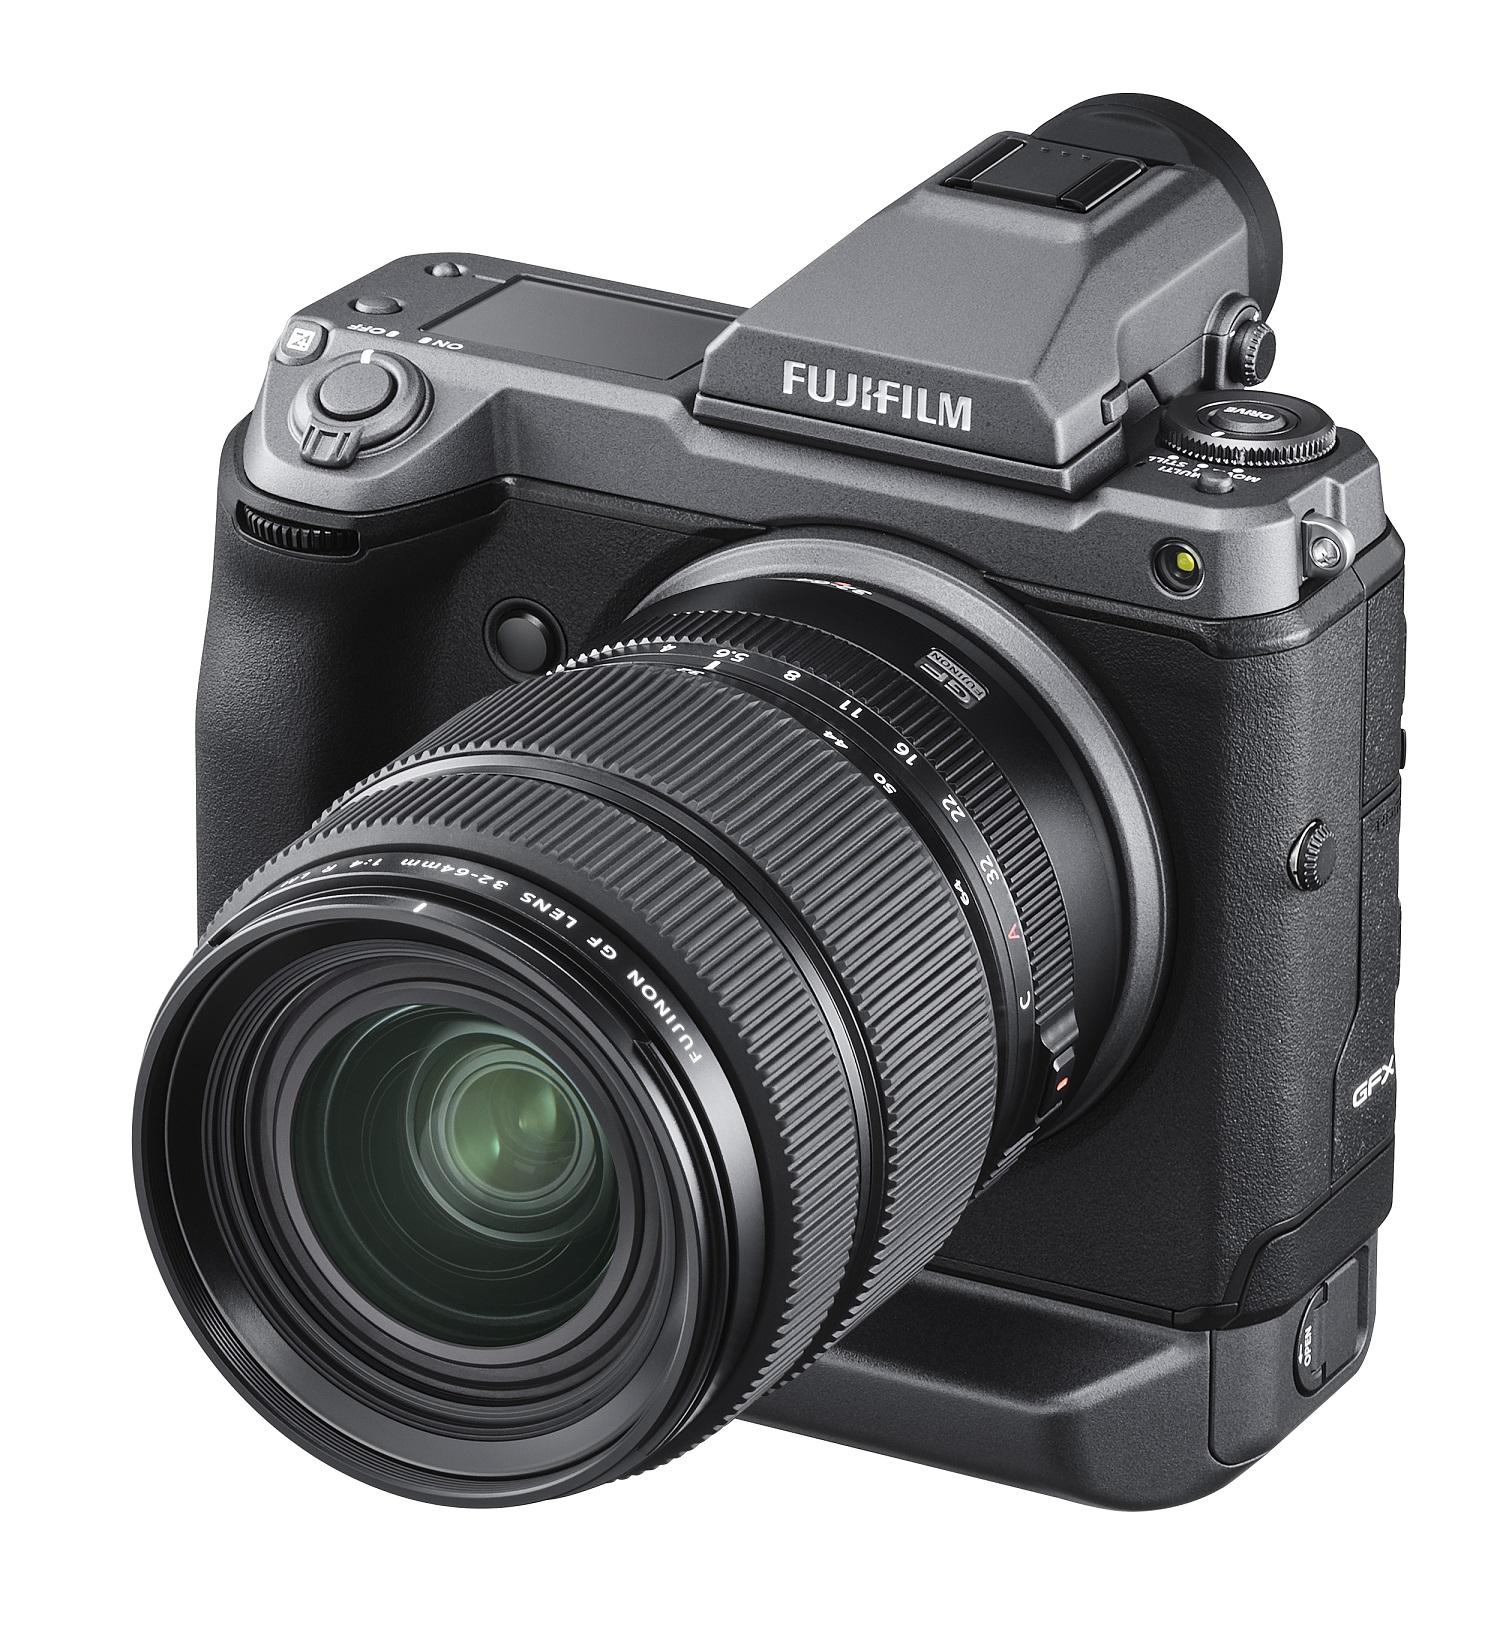 【モンスター級】超高画質ミラーレスカメラ「GFX100」のスペック比較